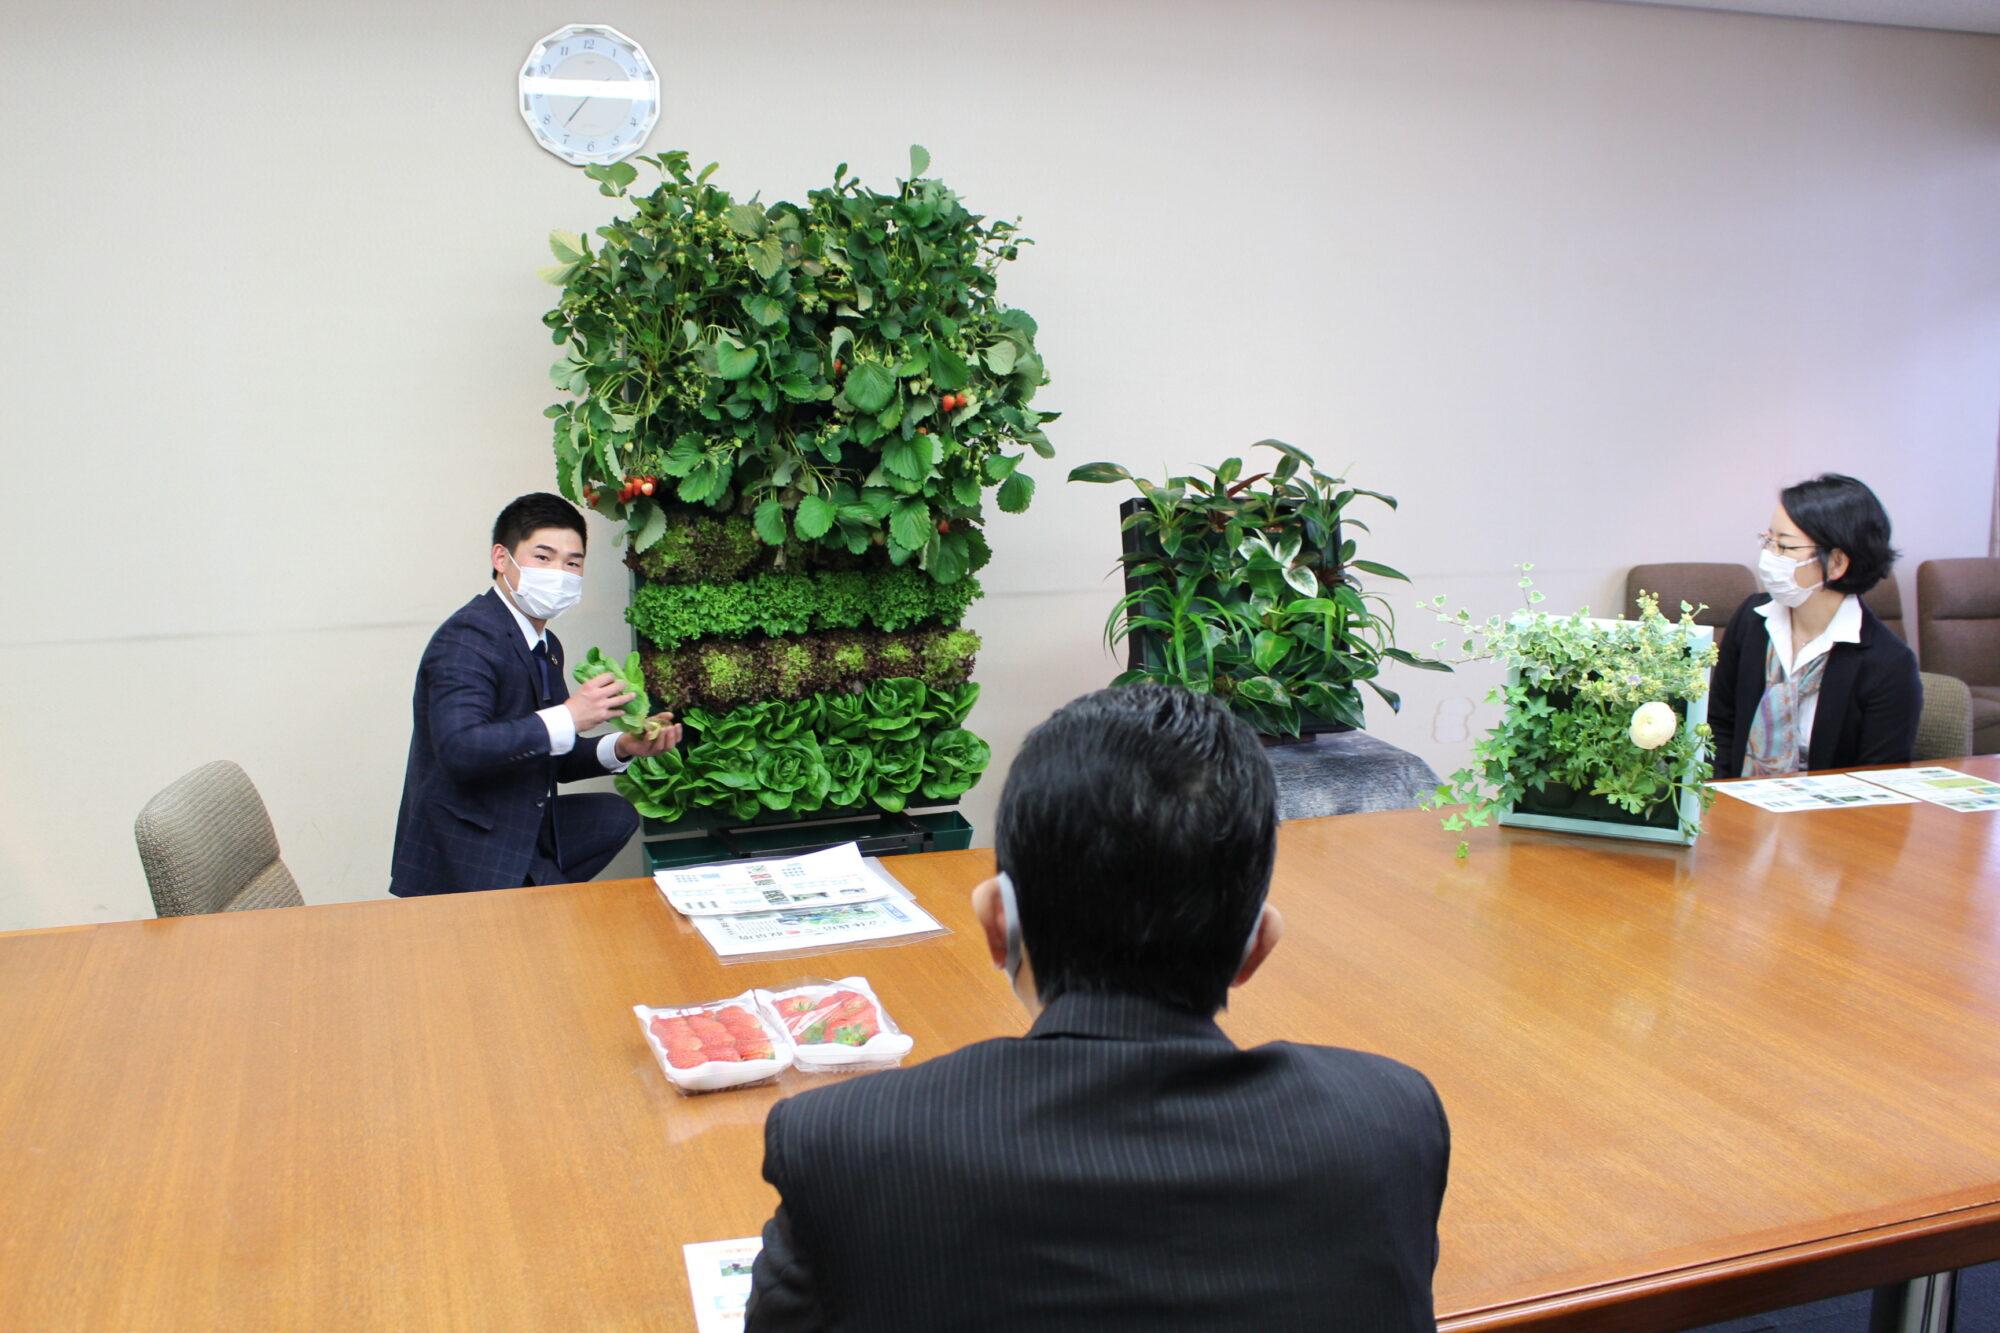 壁面緑化を説明する呉社長と康友市長